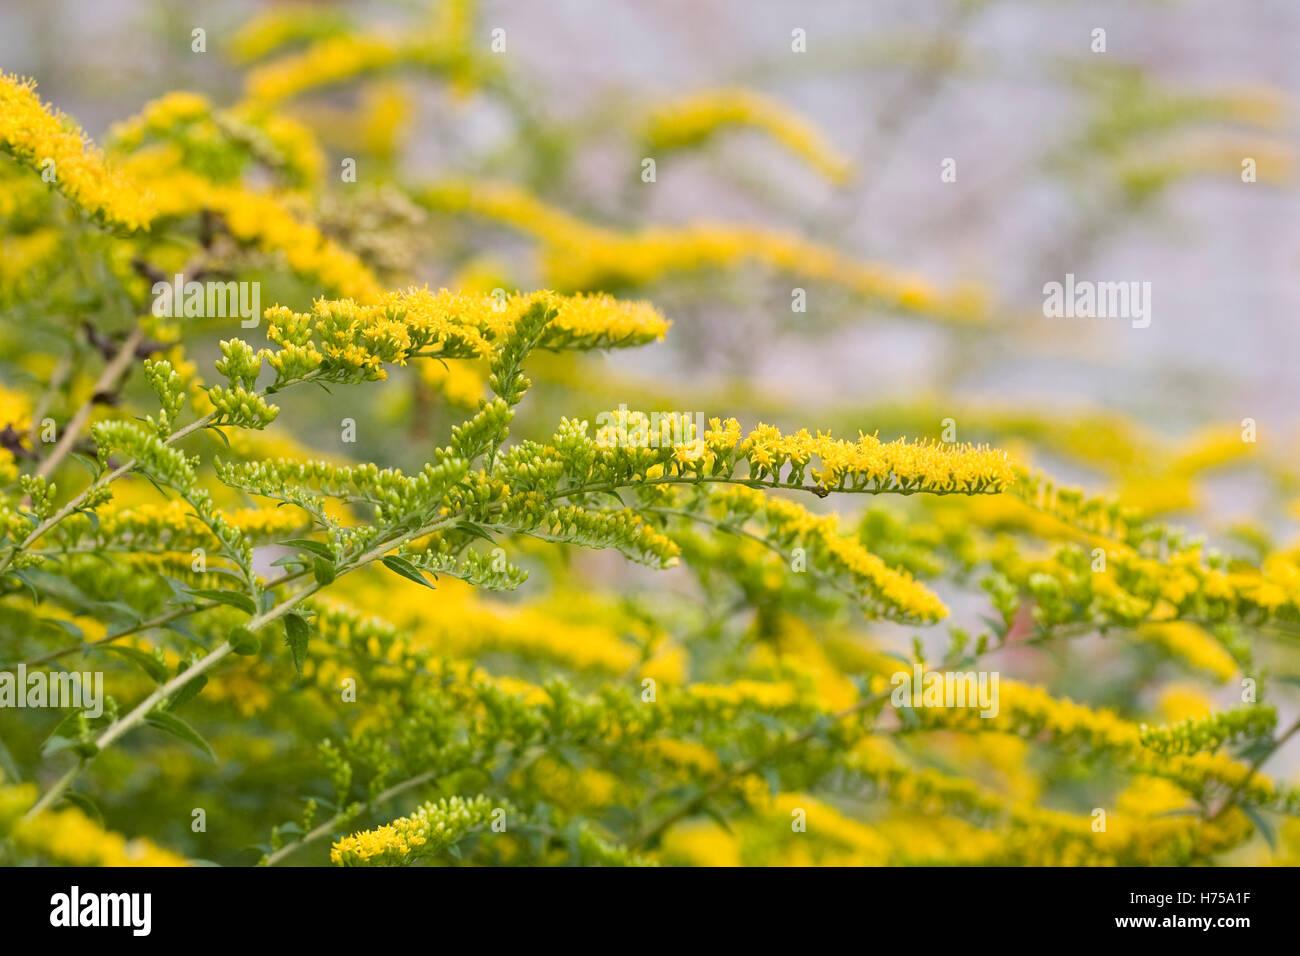 Solidago 'Golden Fleece' flowers. - Stock Image